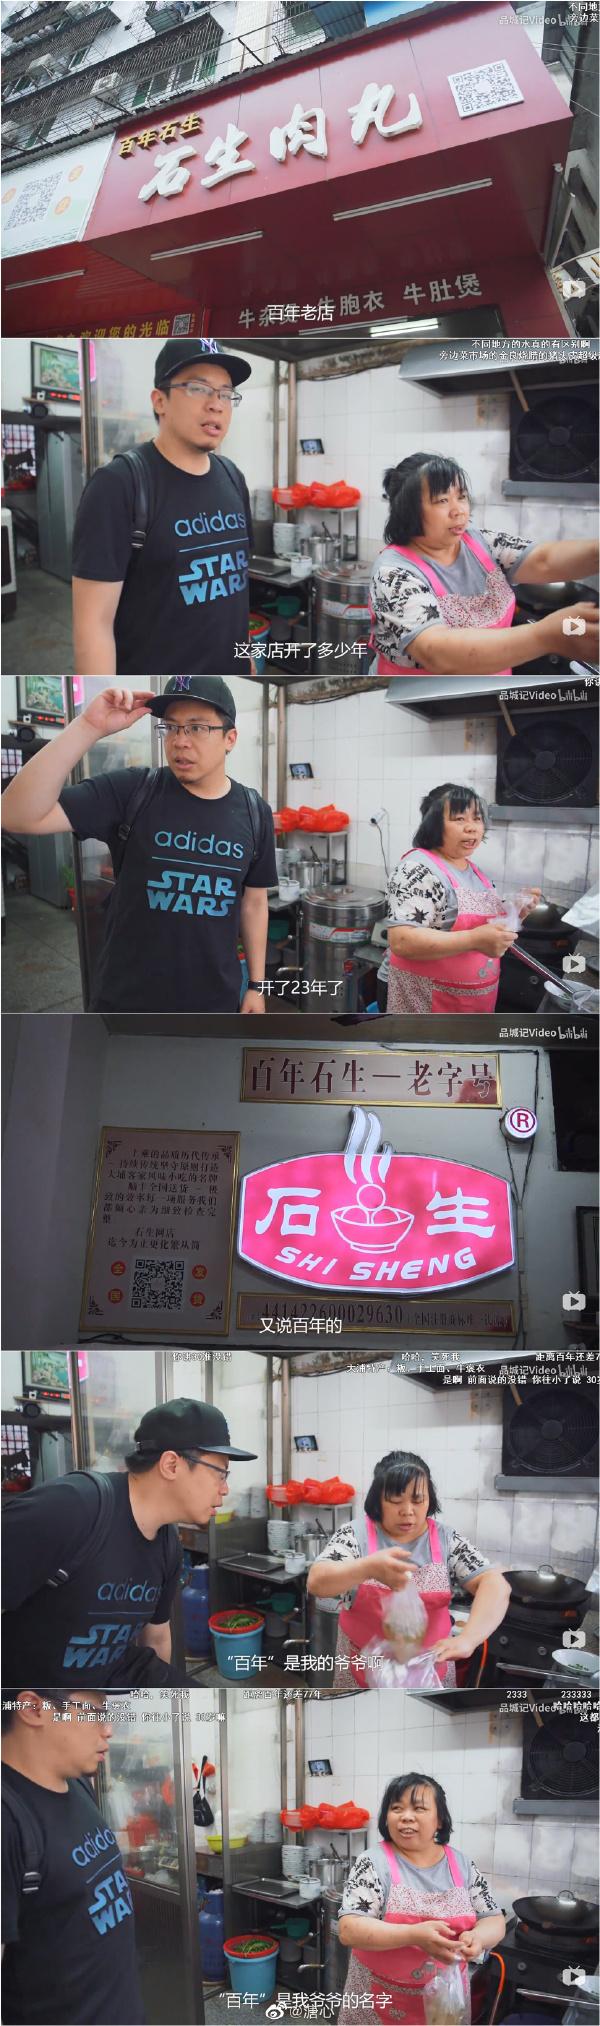 爱看资源网福利总汇【第20期】扭一扭!